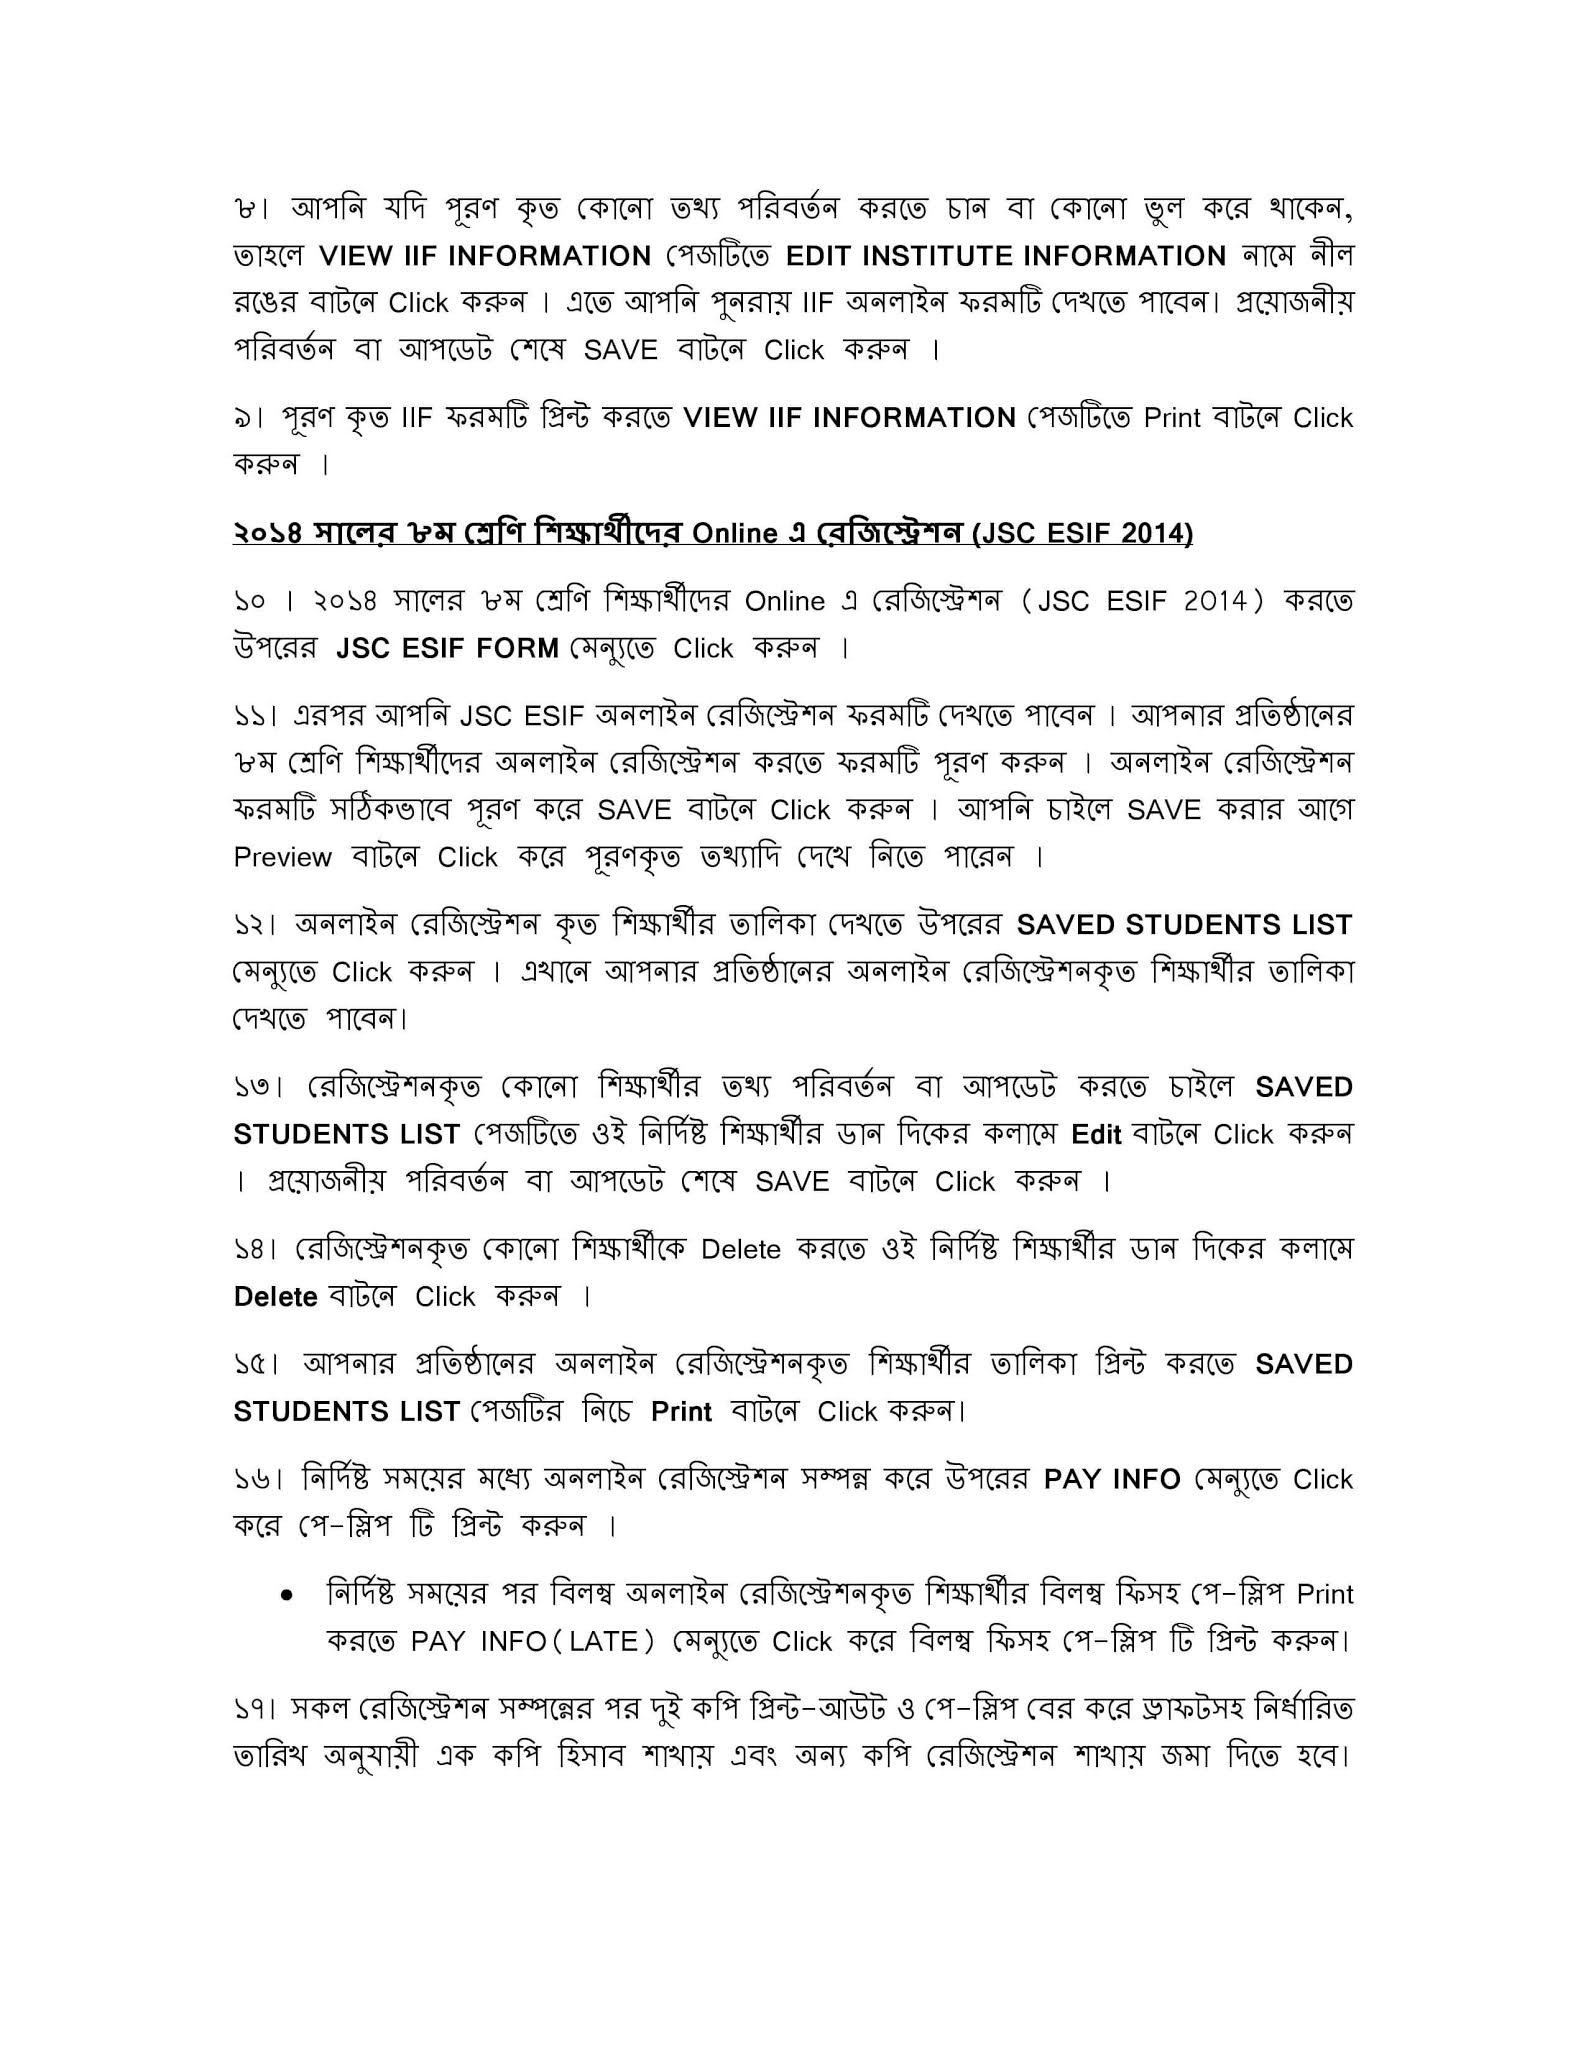 Electonic Form Fill-up - esif.teletalk.com.bd Manual